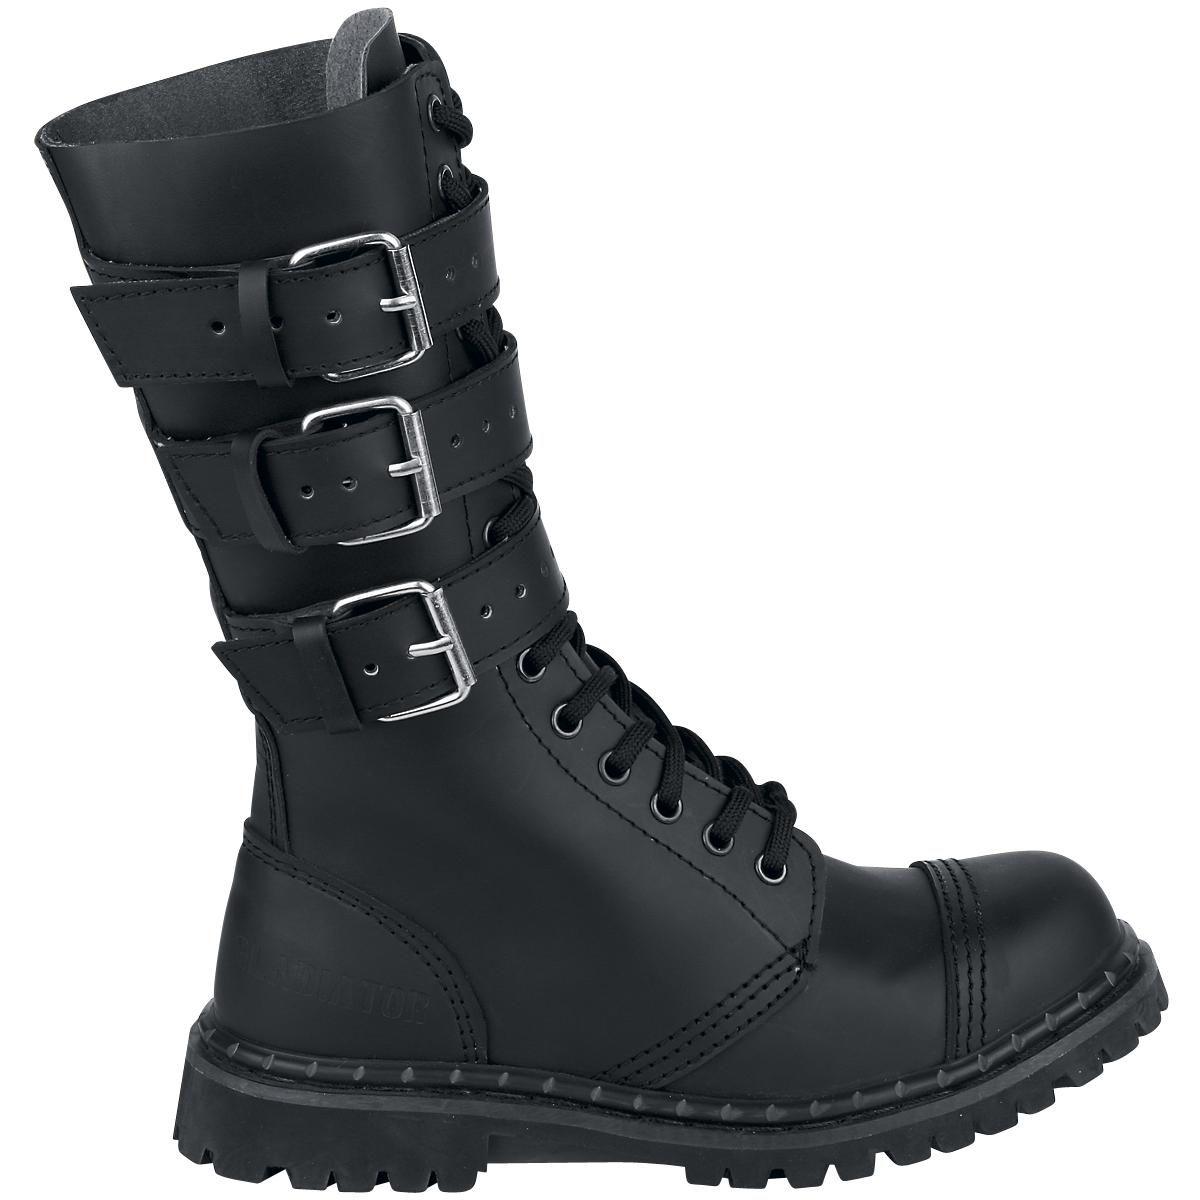 Zapatos negros estilo militar Brandit para hombre WyJ5ydt